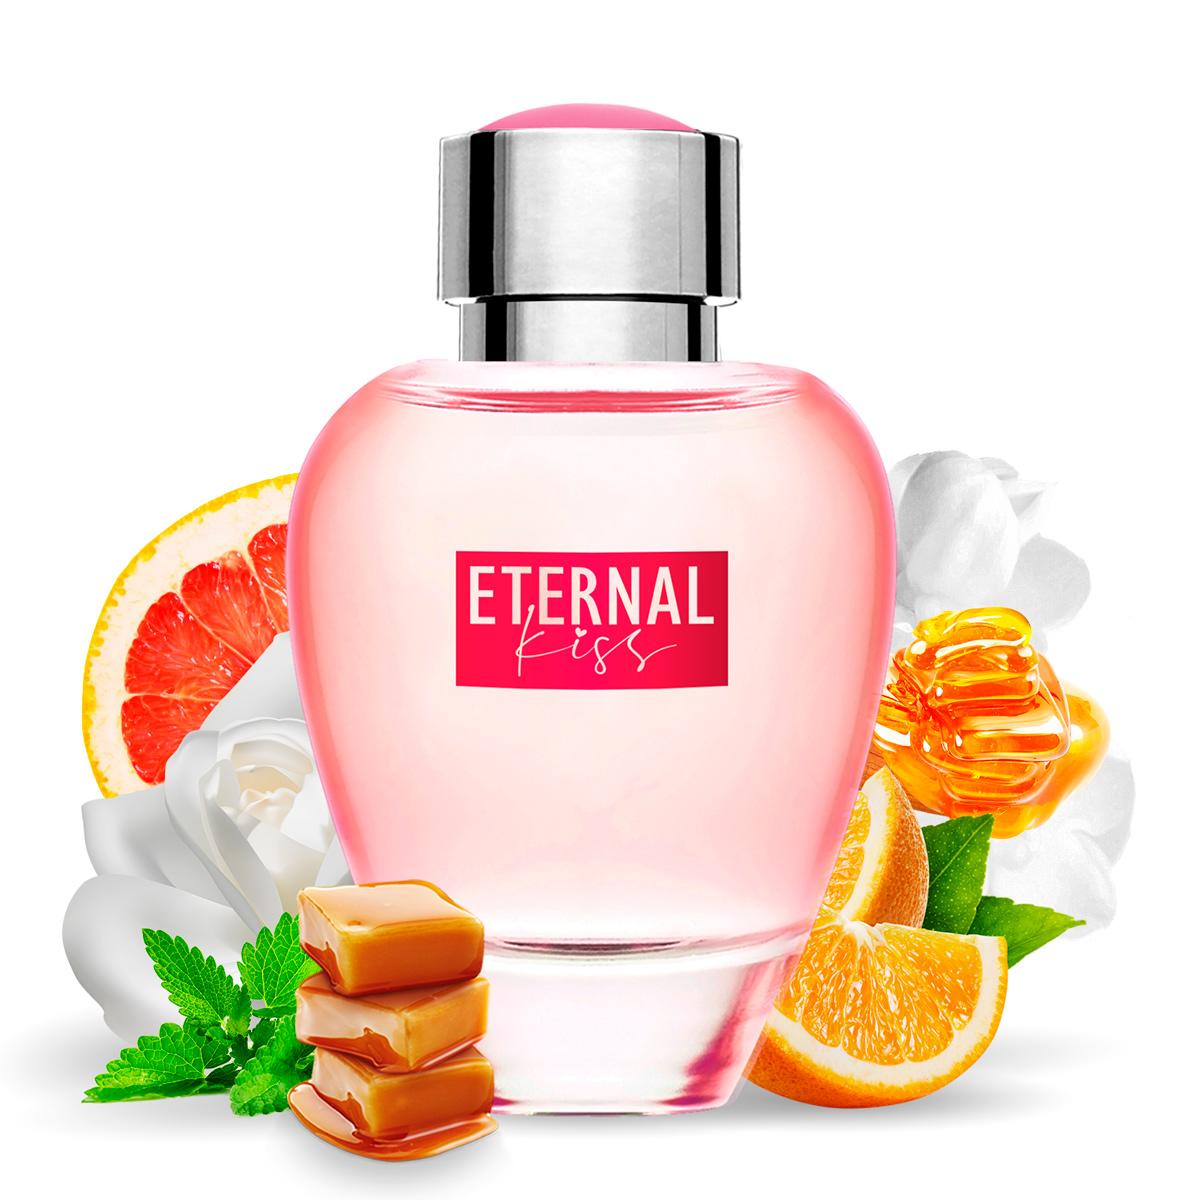 Kit 2 Perfumes, Touch of Woman e Eternal Kiss La Rive